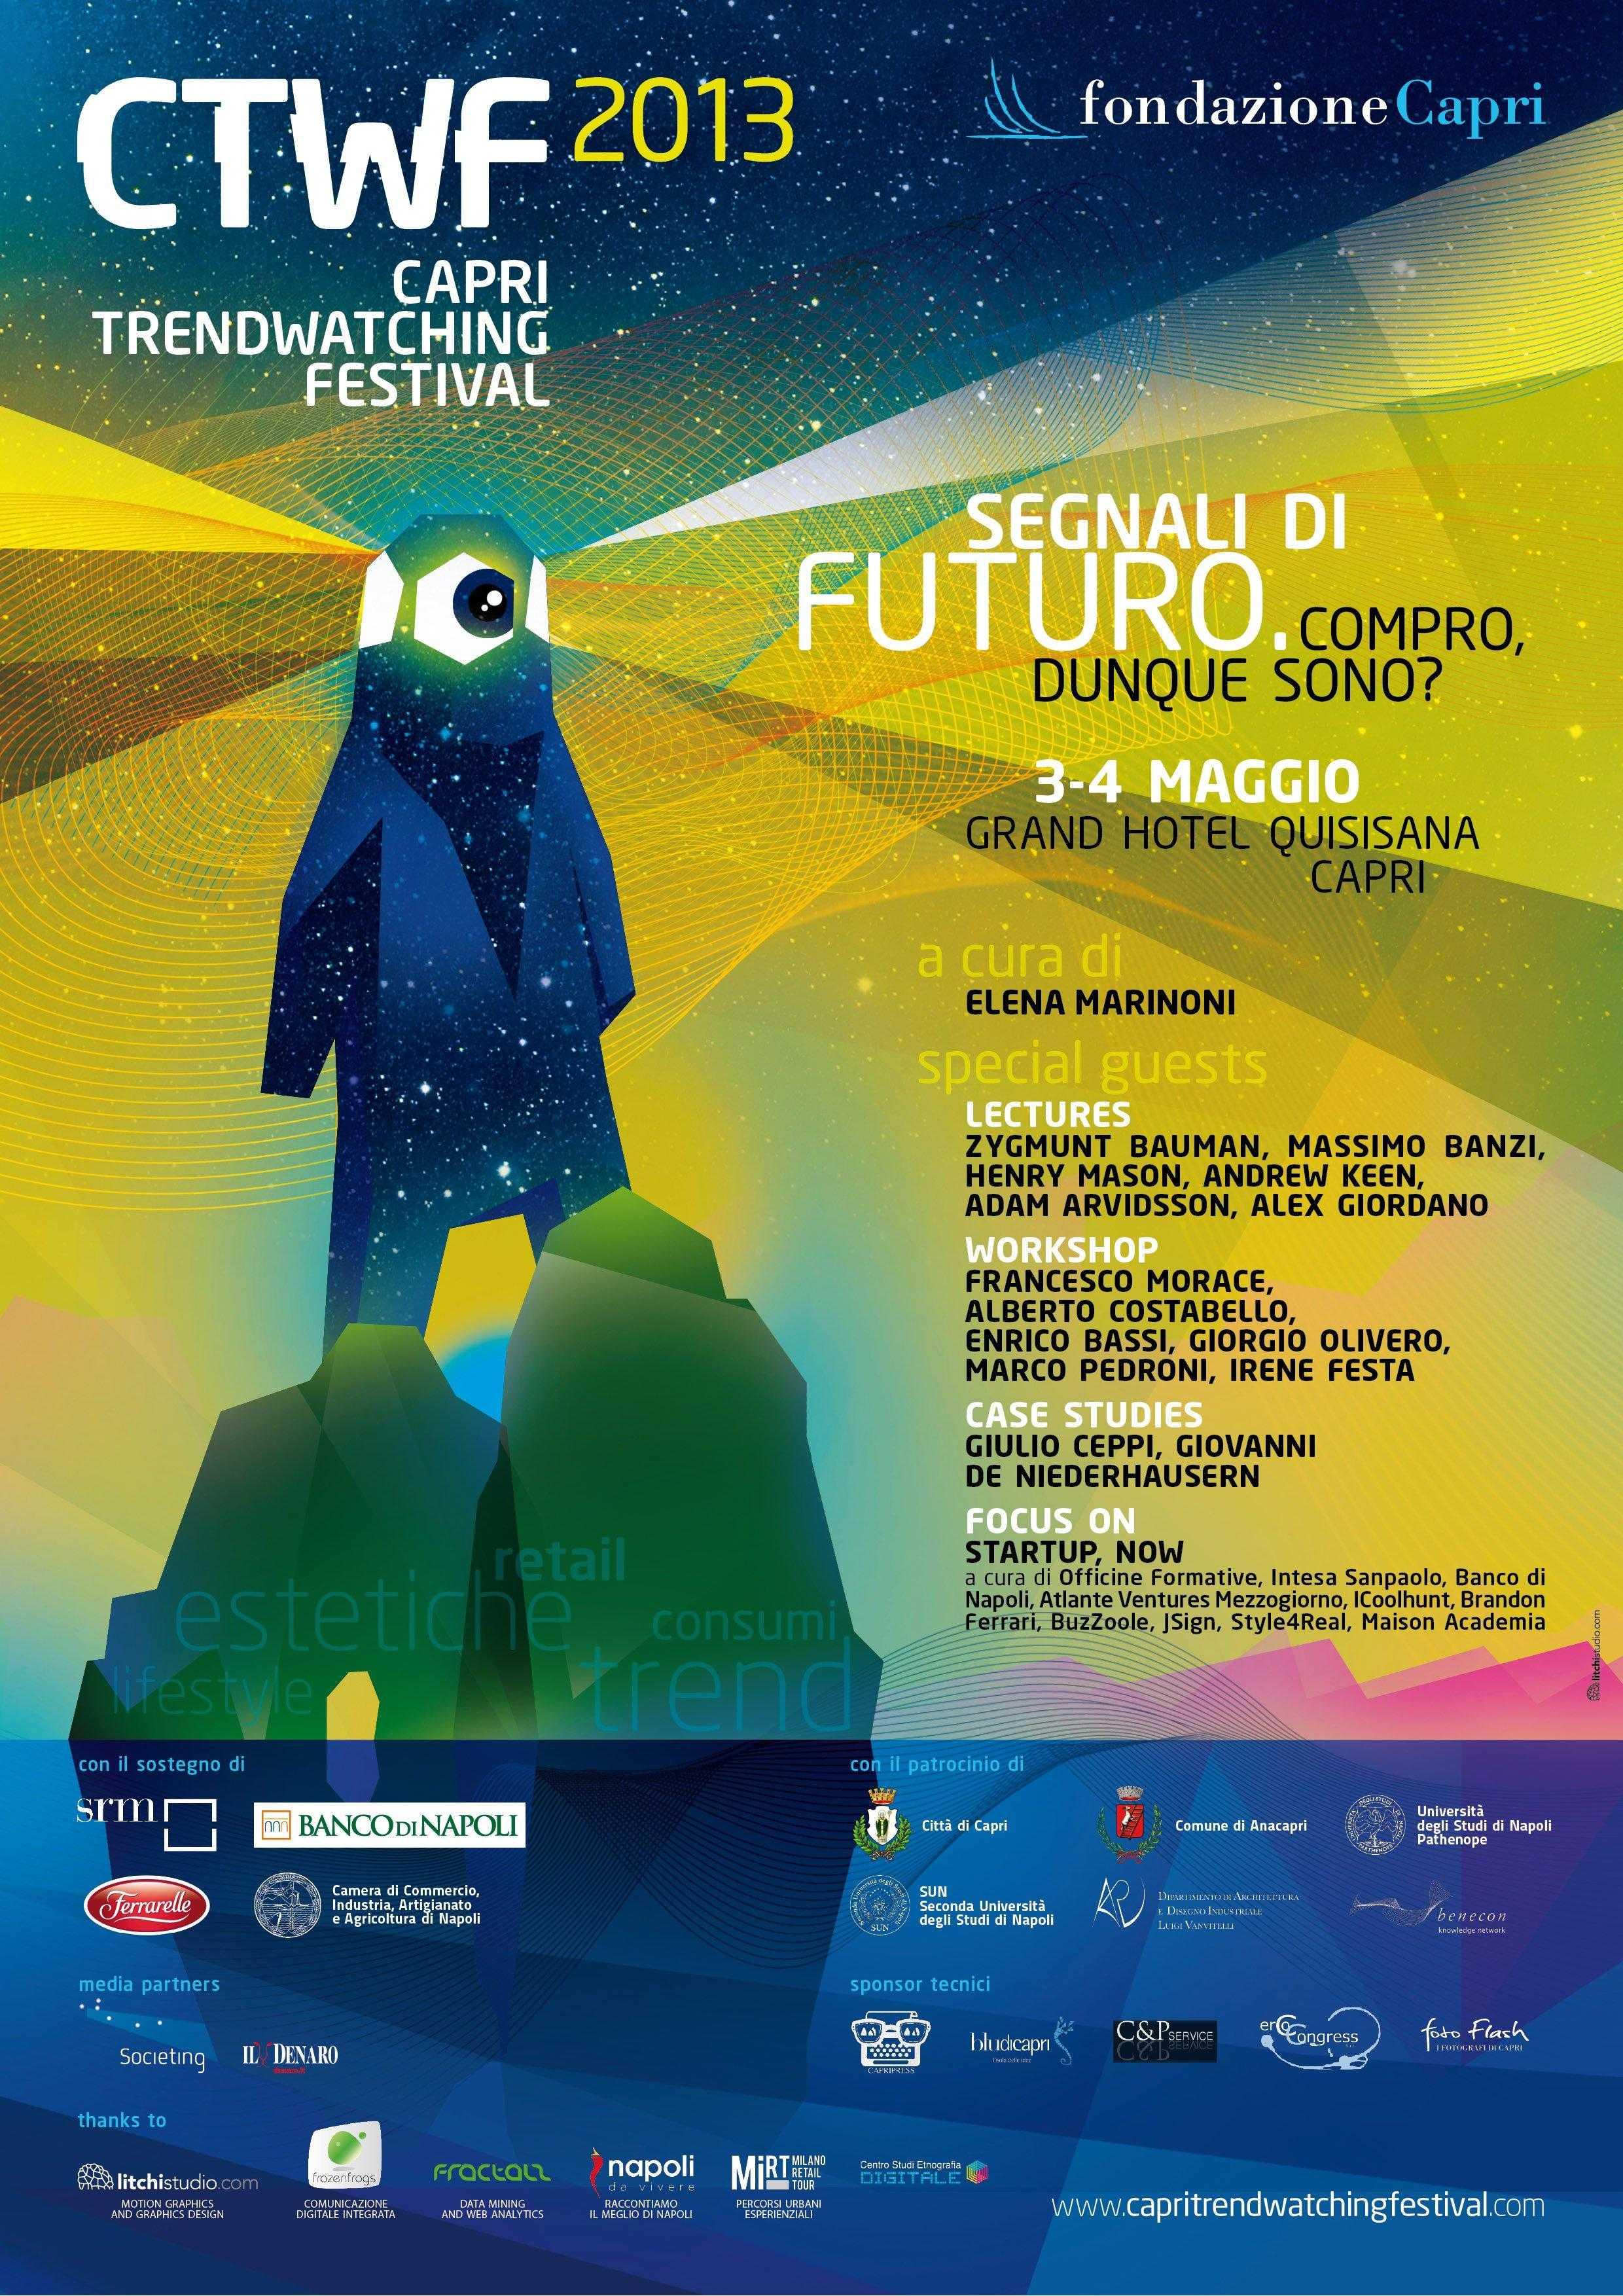 Capri Trendwatching 2013 innovazione e futuro in Campania [INTERVISTA]